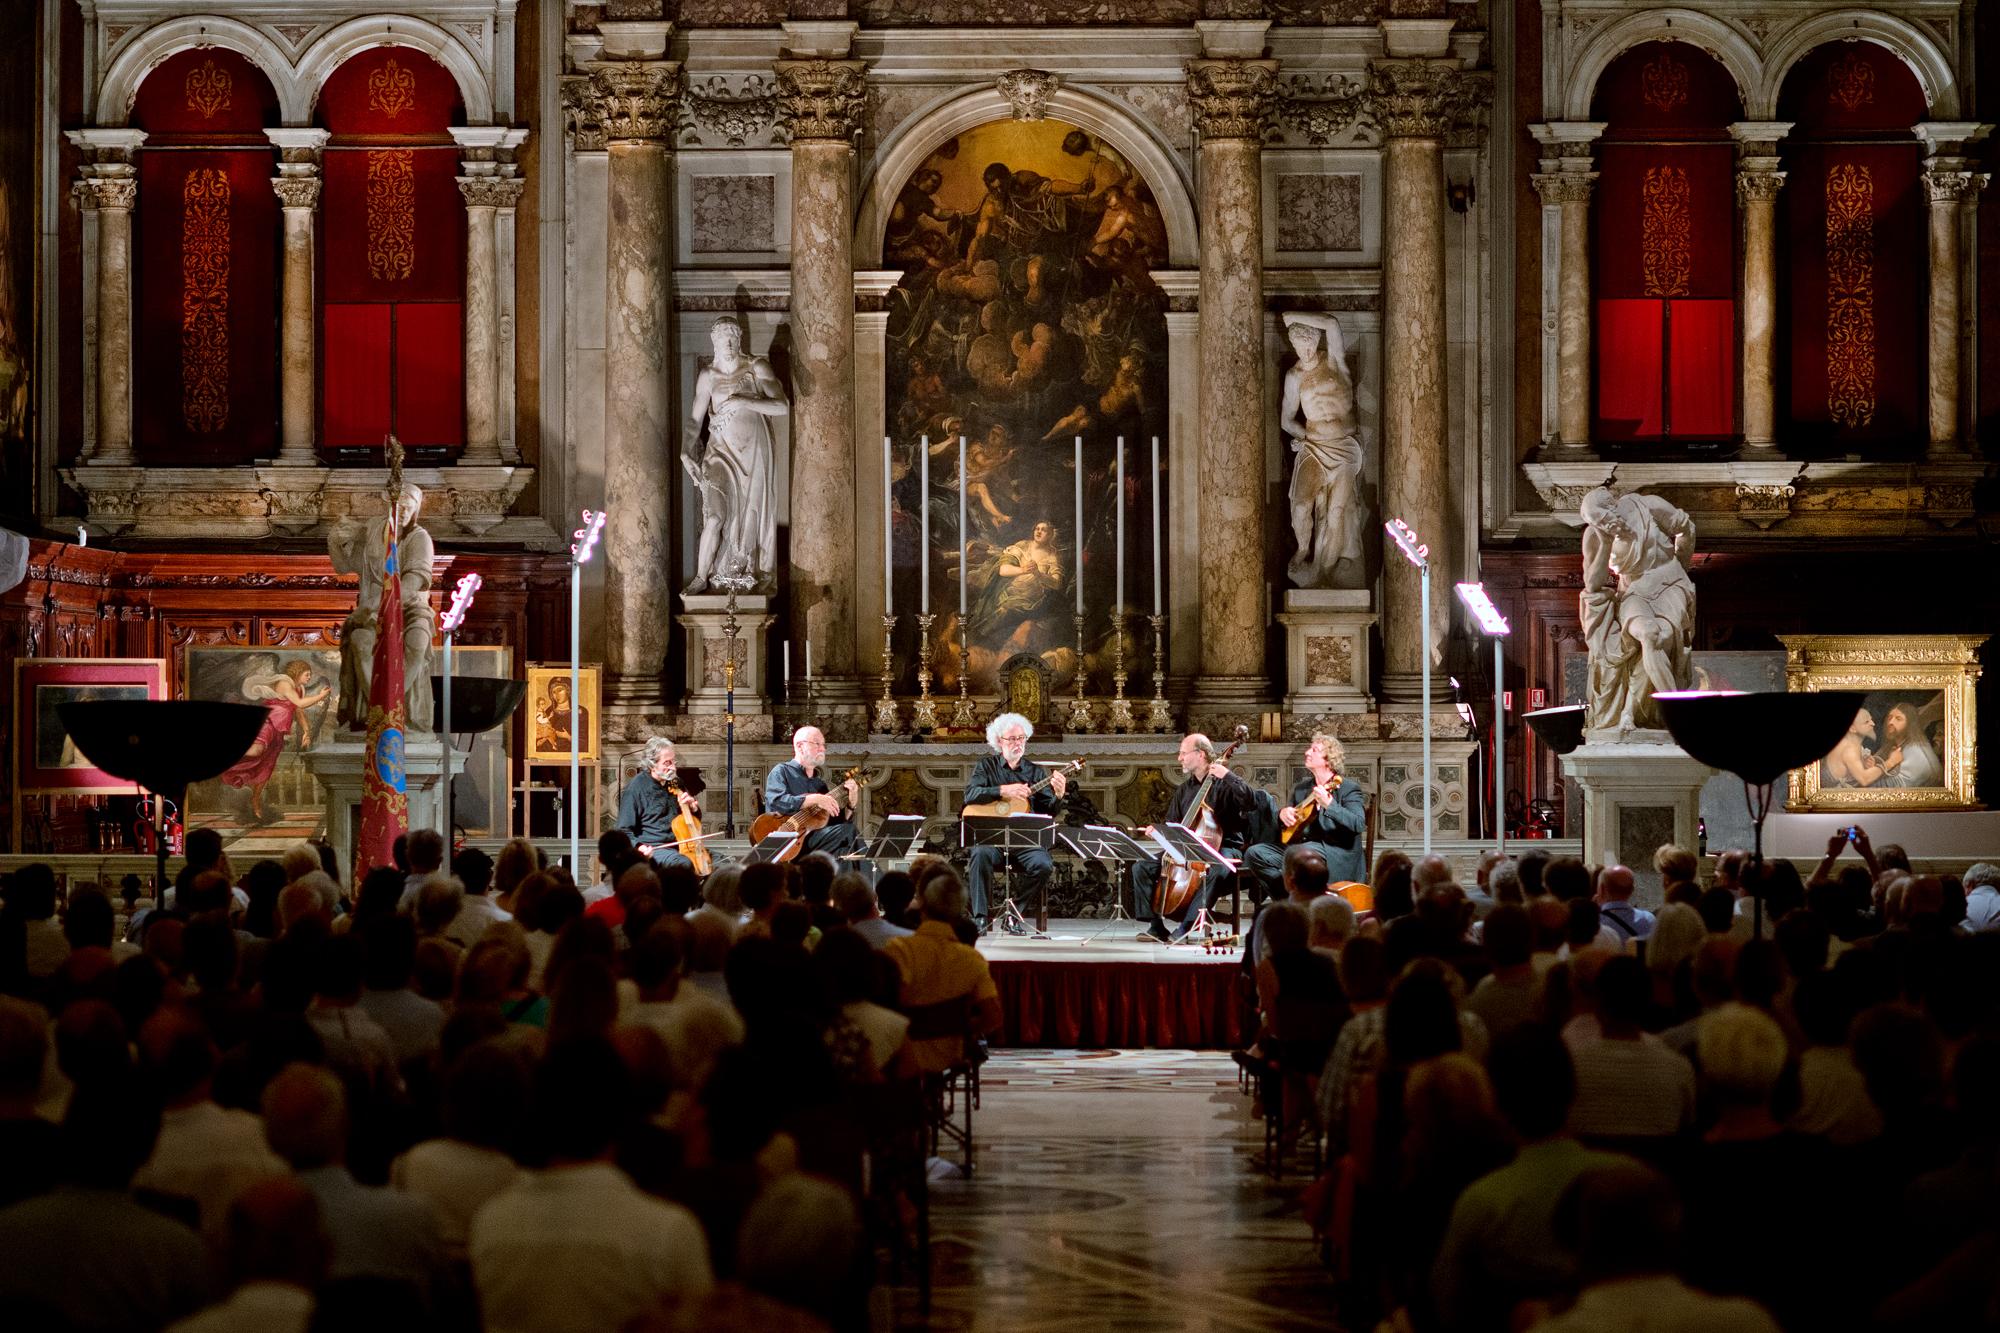 venice concert Monteverdi Vivaldi 2014 - Scuola Grande di San Rocco - laure jacquemin (12)